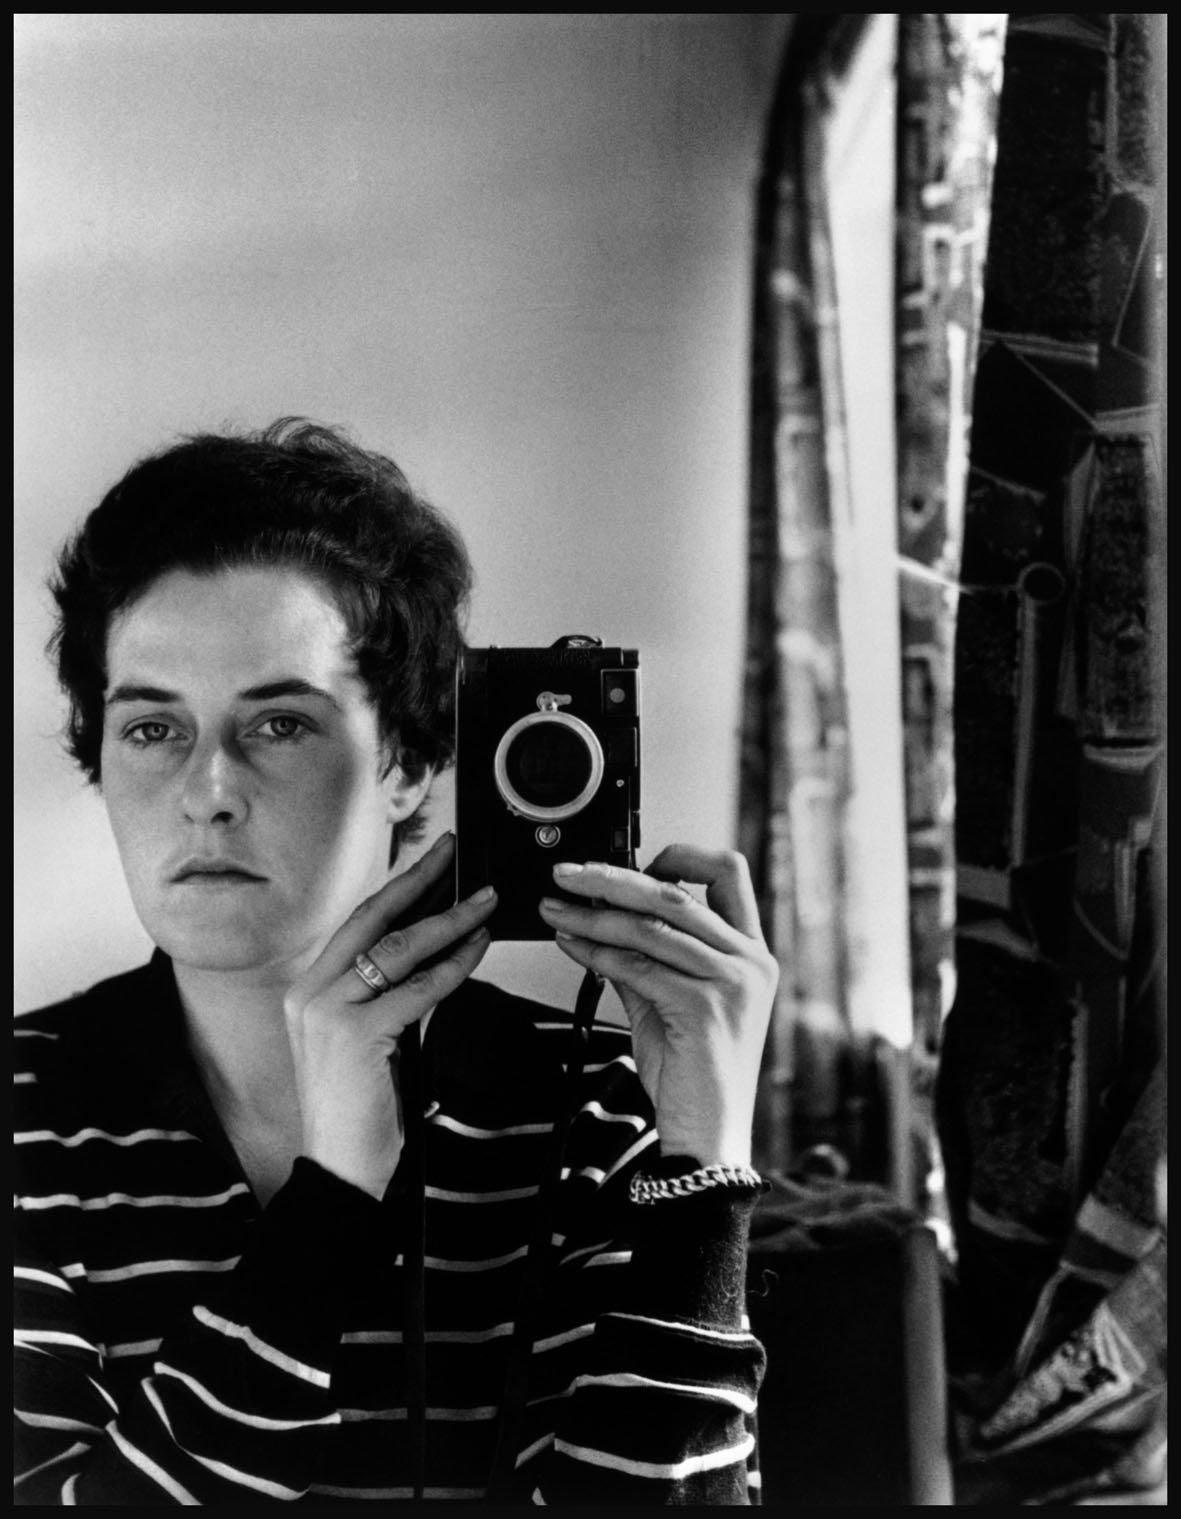 Inge Moriath, la fotografa rivale di Marilyn